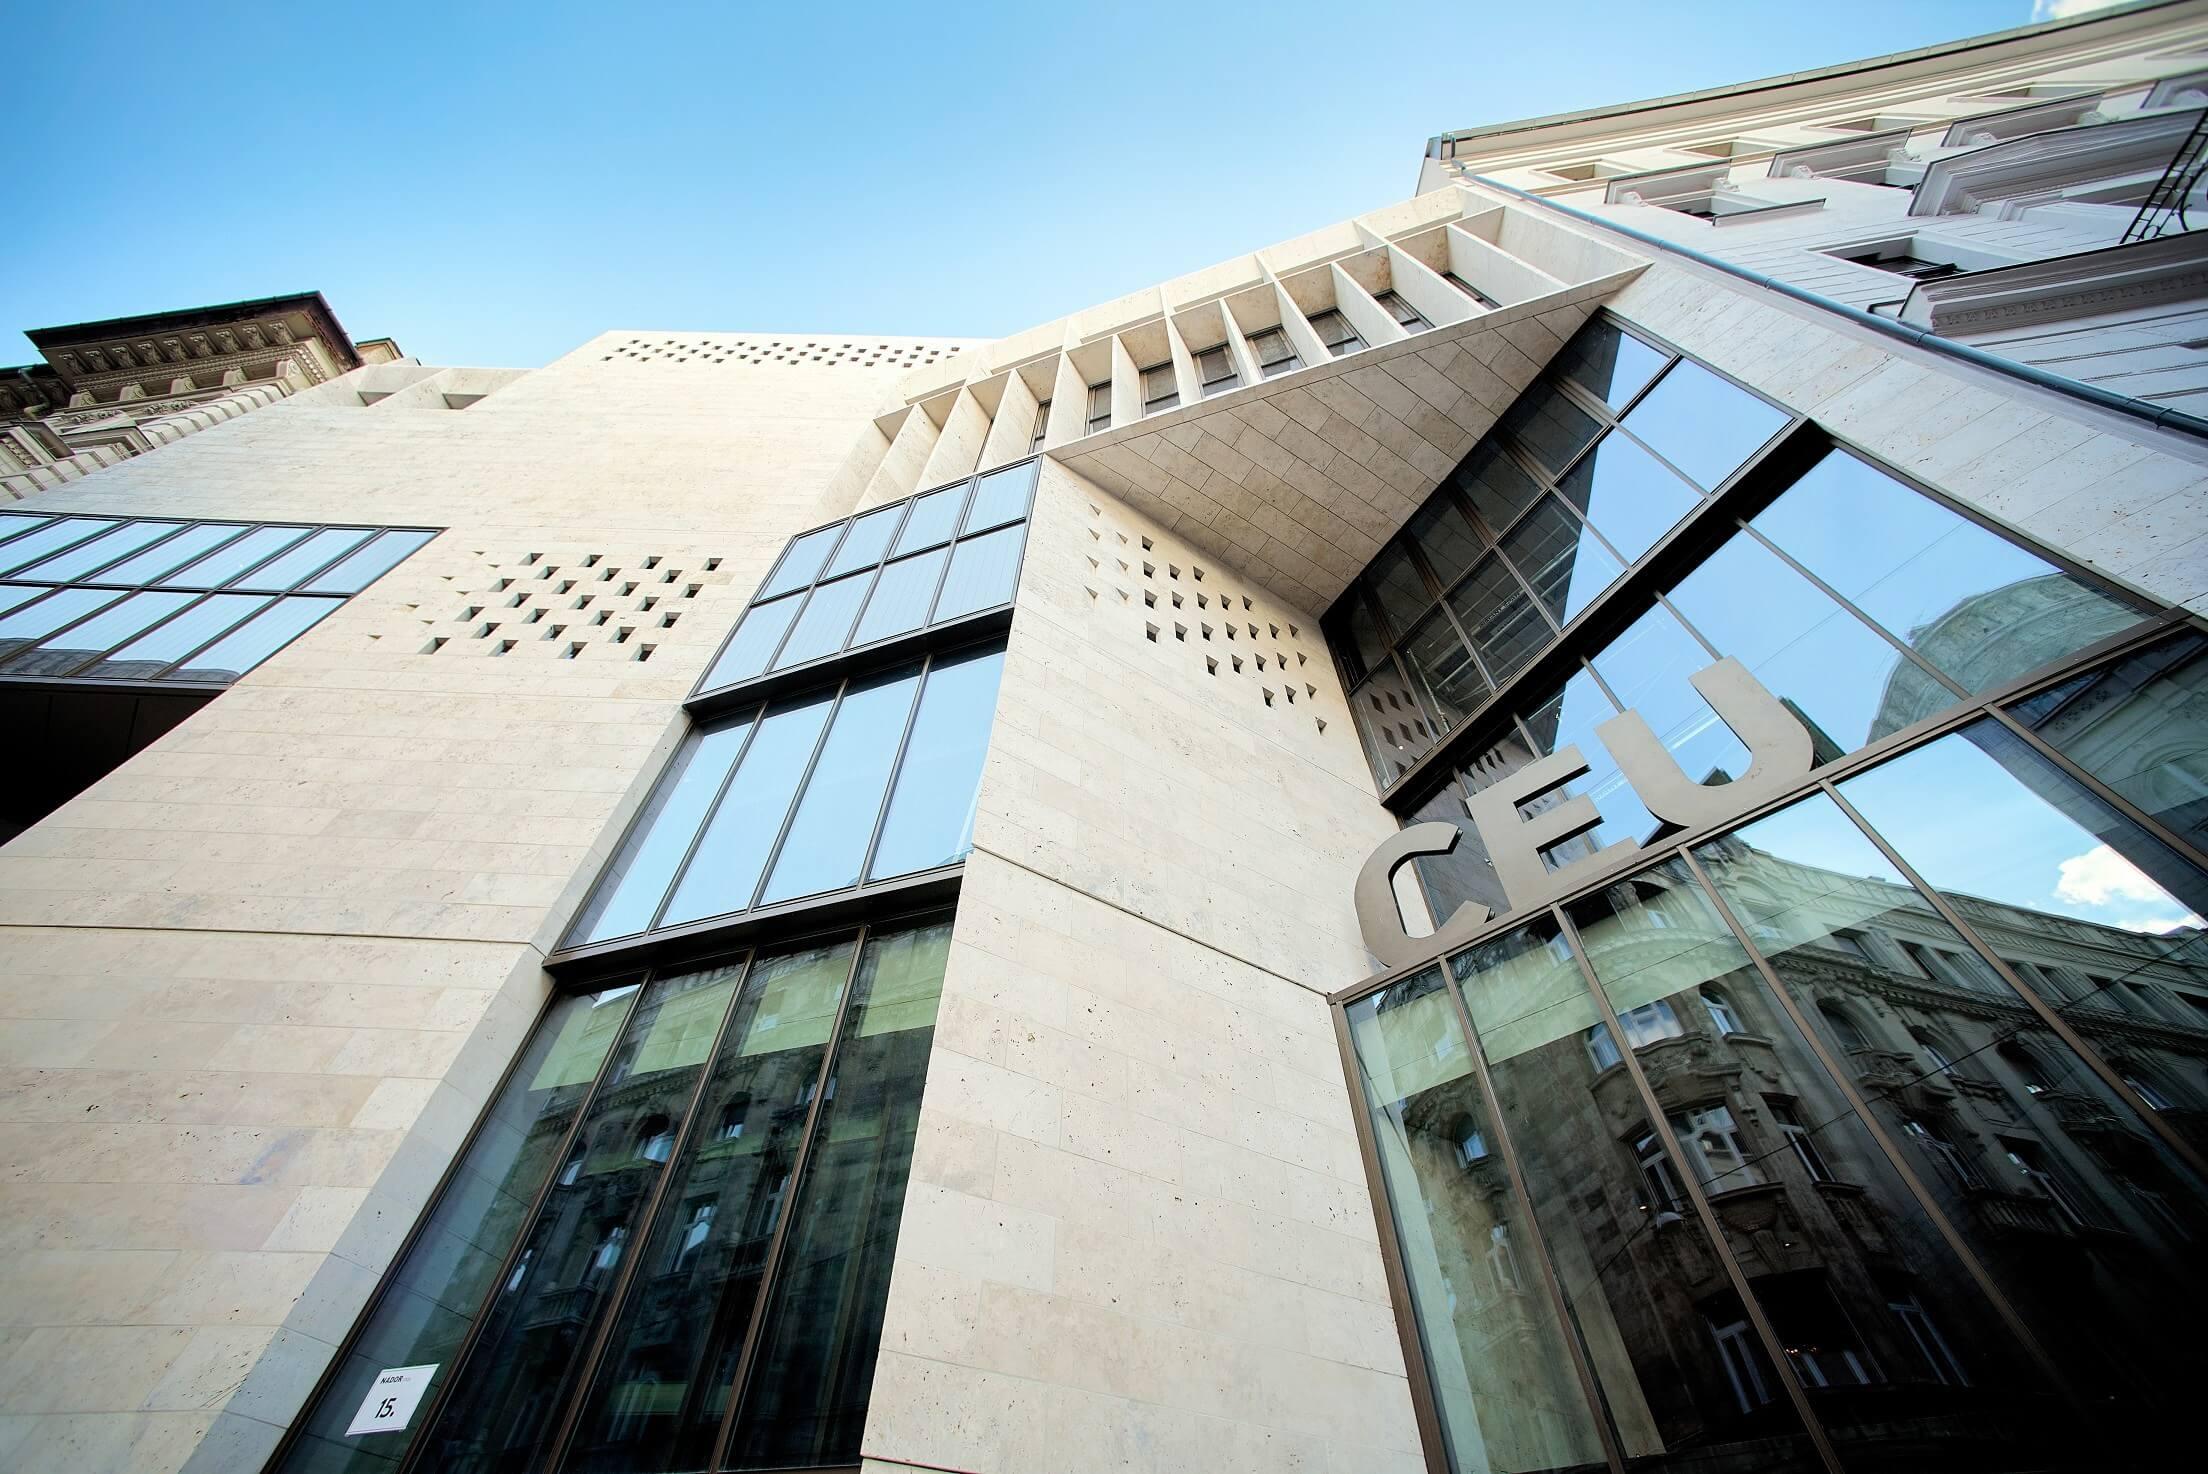 Emléktábla hirdeti a CEU új épületét megvalósító mérnökök kiválóságát